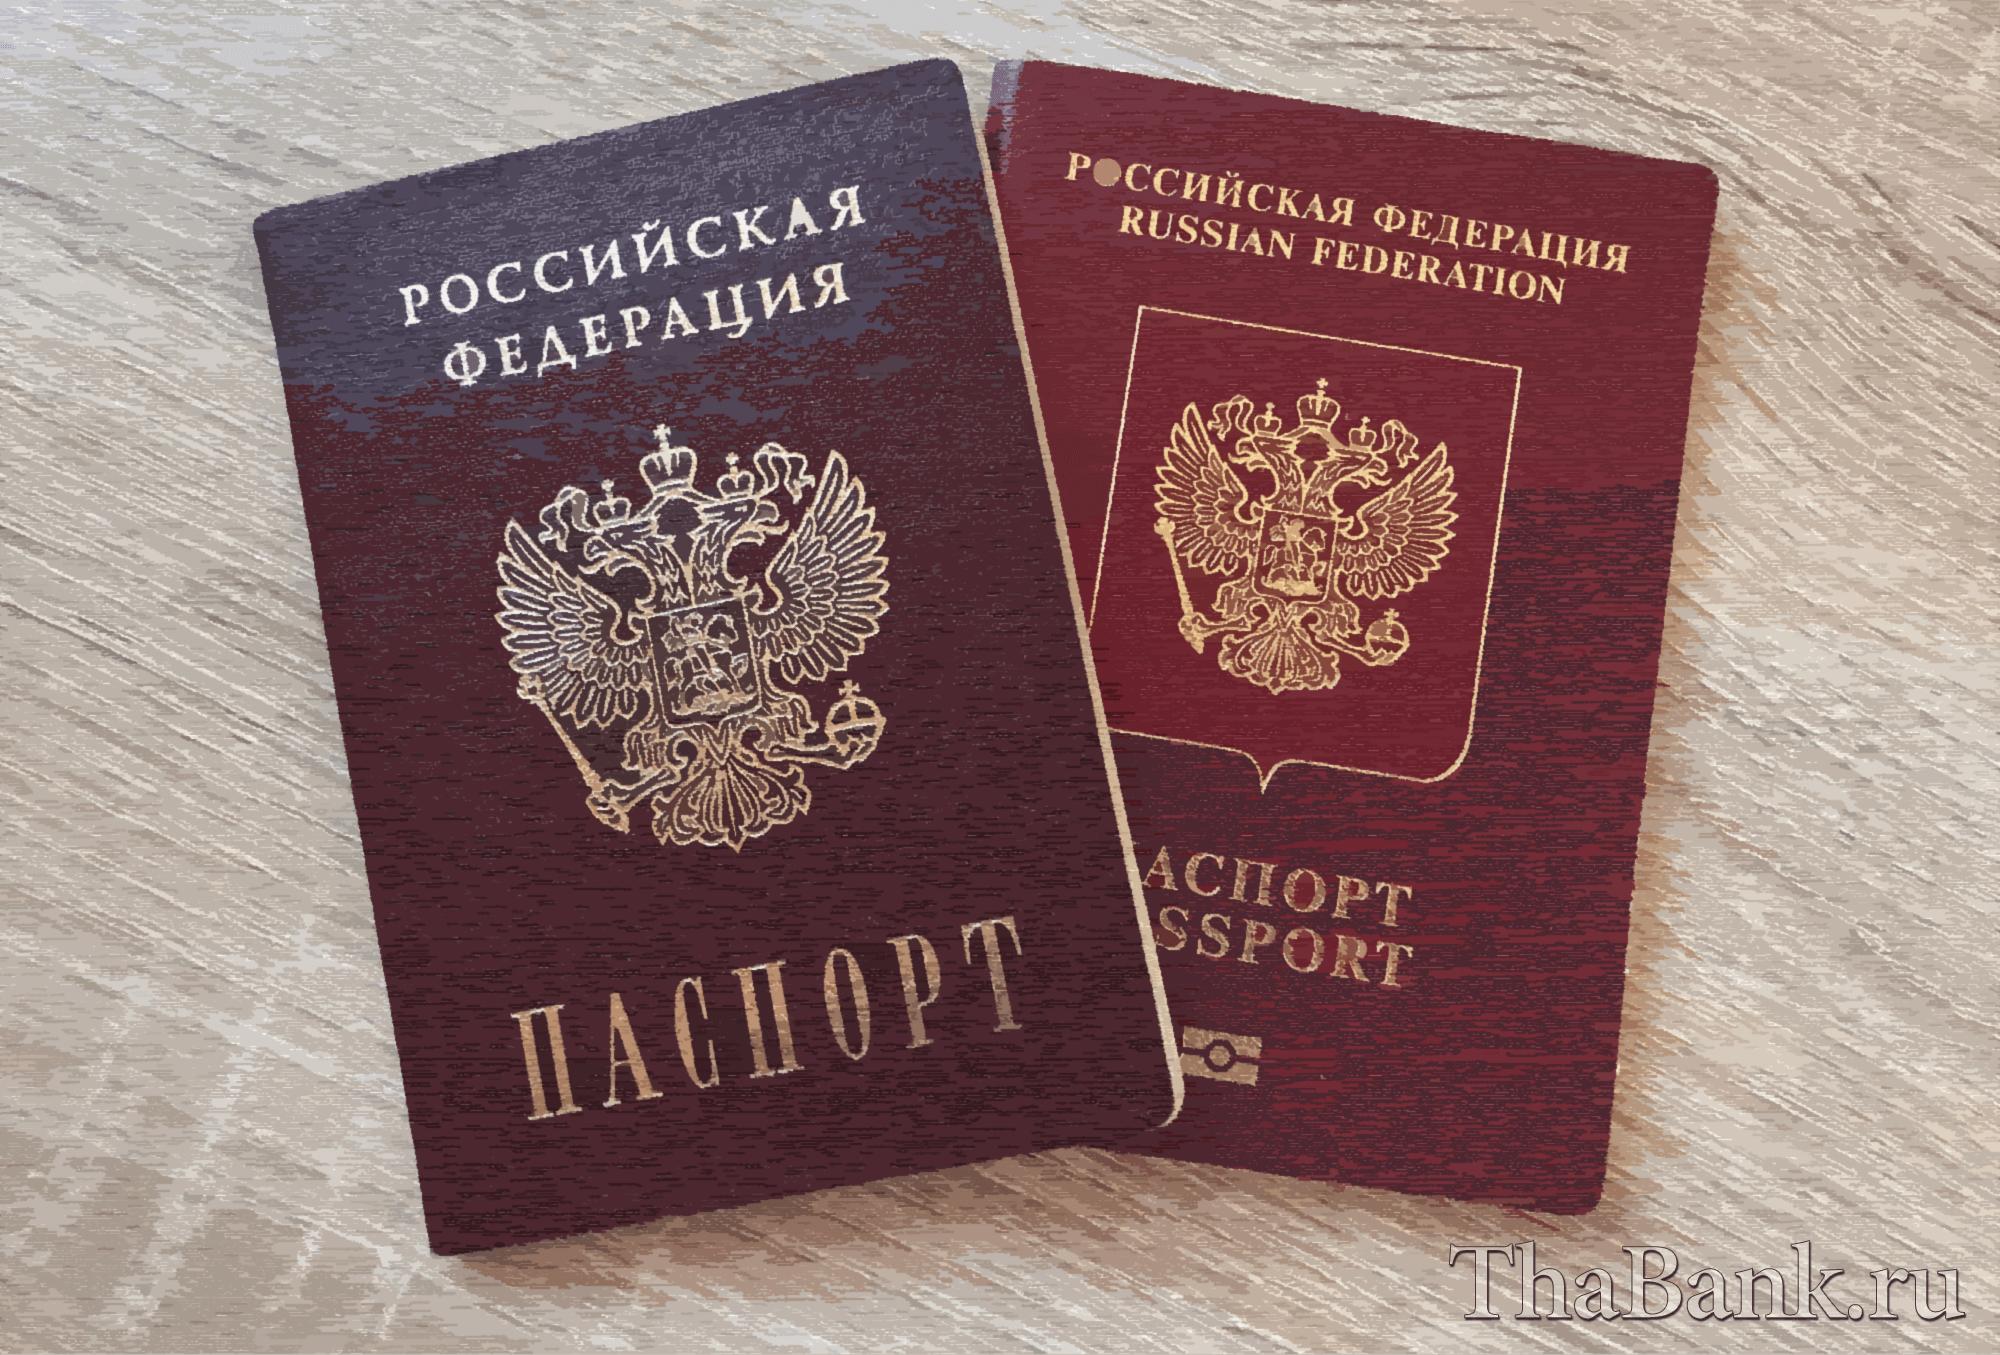 Как оплатить госпошлину за паспорт через Сбербанк в 2021 году